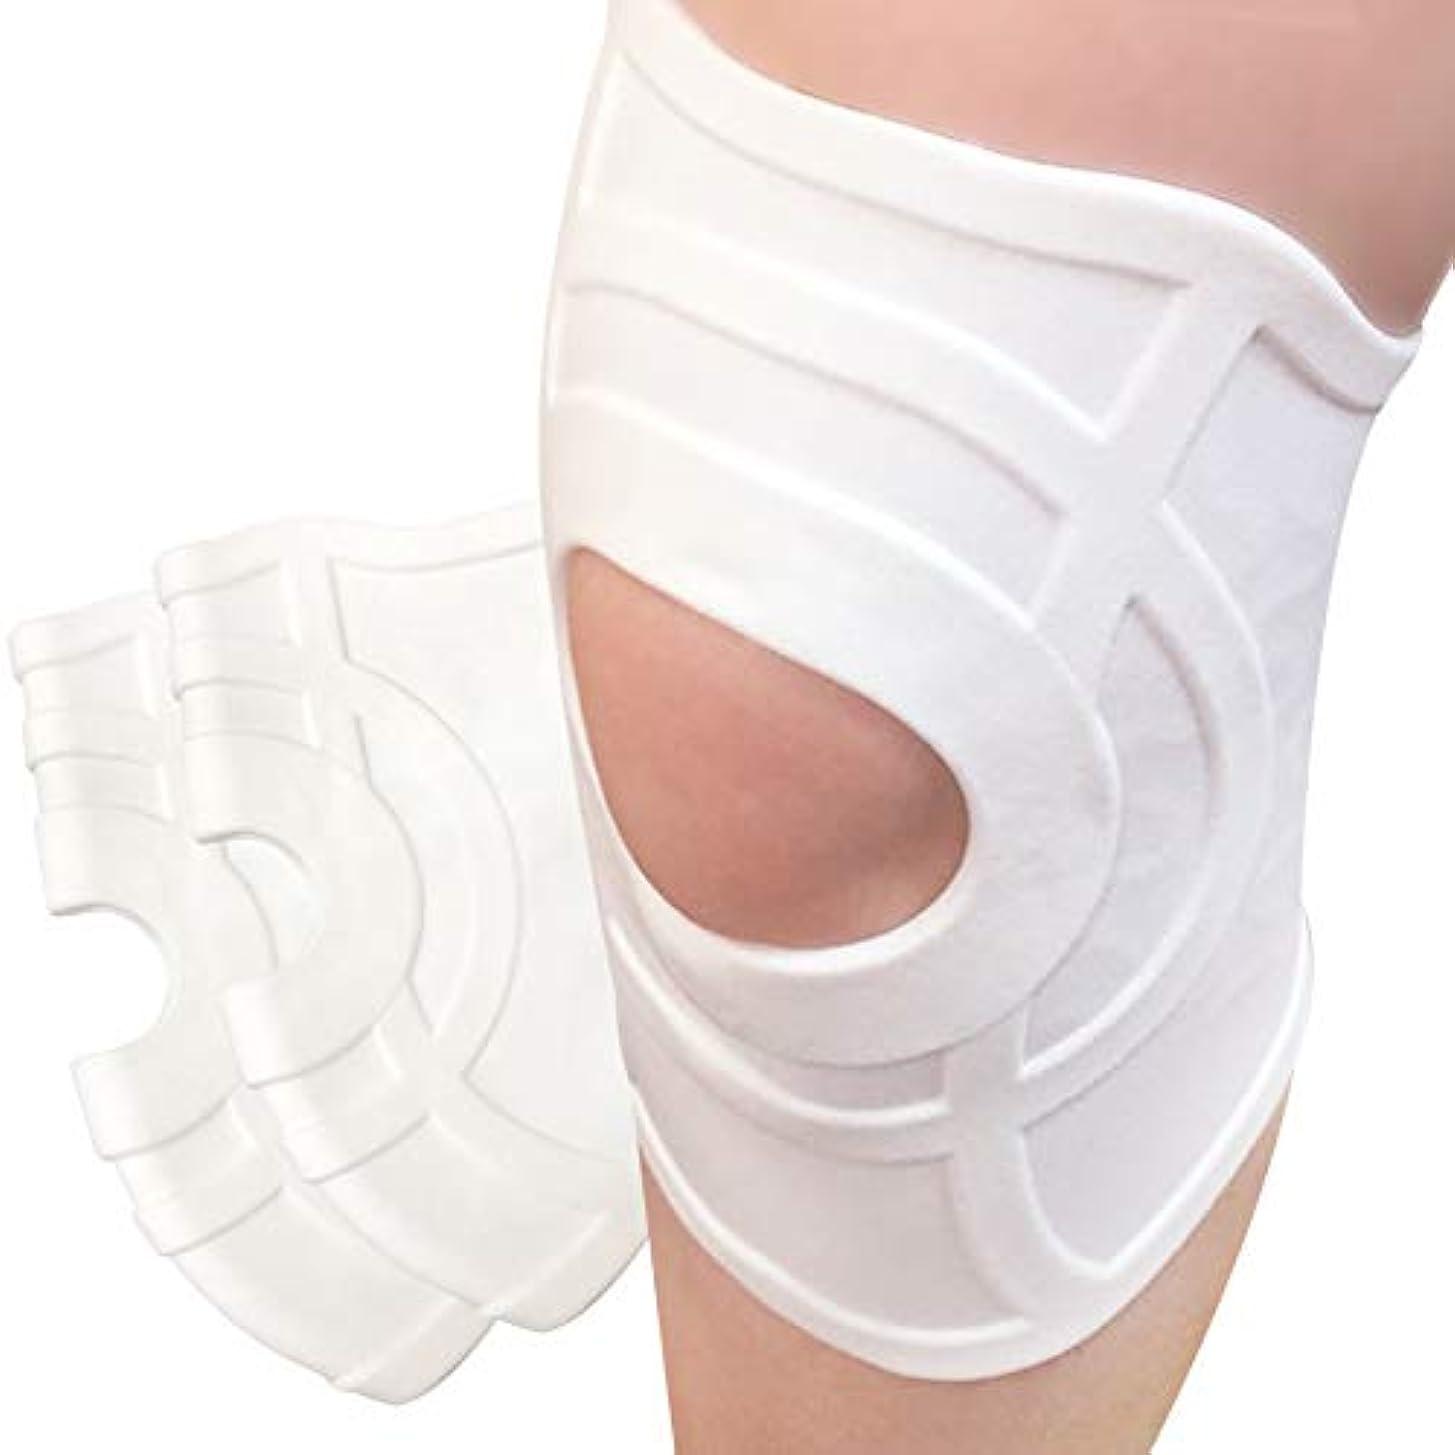 受粉する政治家の引き渡す薄くて伸びる やわらか膝サポーター 左右兼用 防水 高齢者用 (フリーサイズ2枚組)